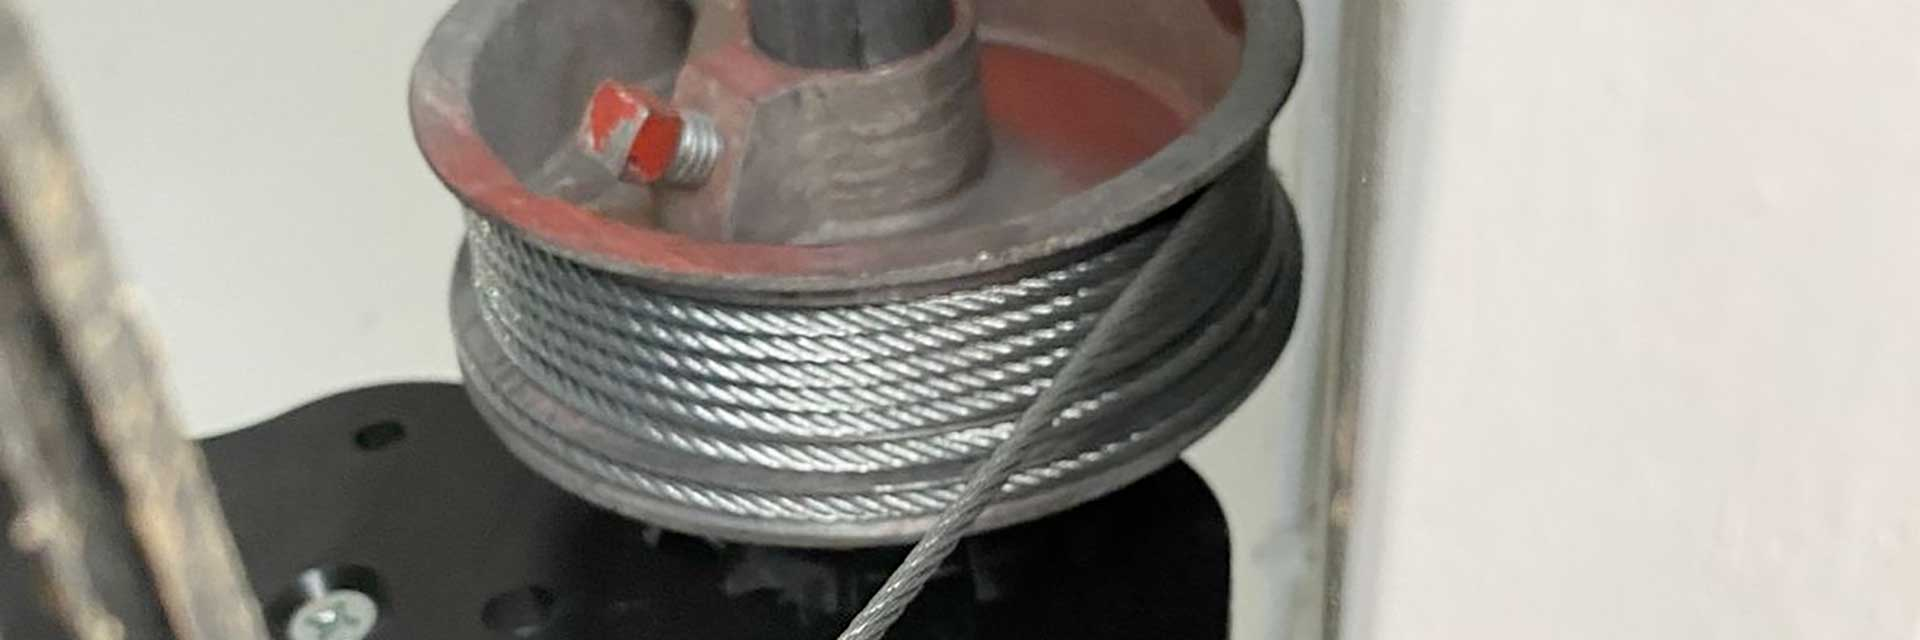 garage-door-cable-repair-melbourne